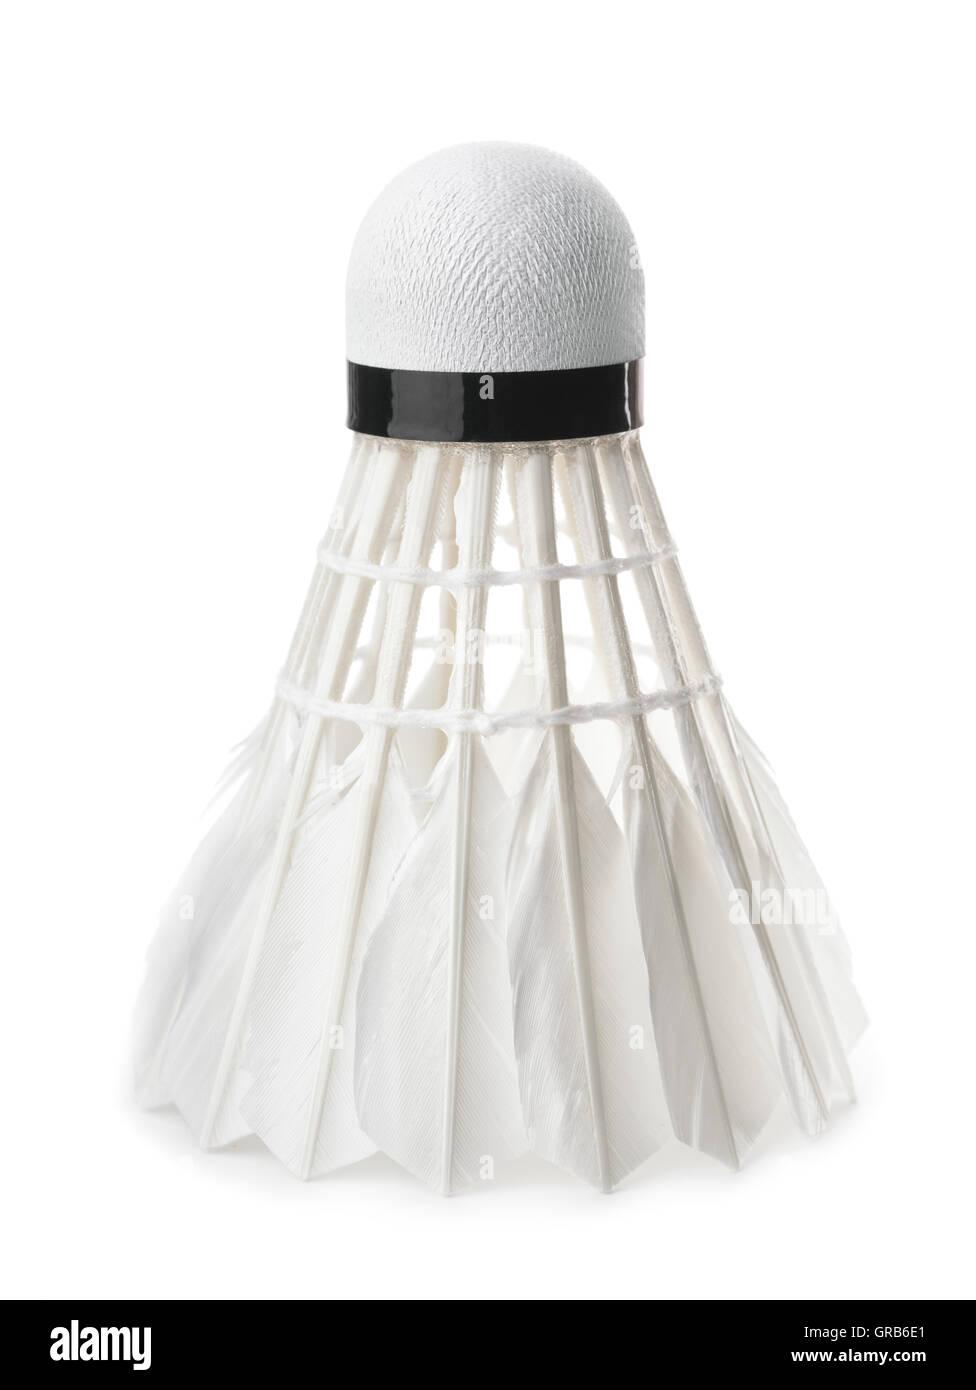 Badminton pluma blanca shuttlecock aislado en blanco Imagen De Stock